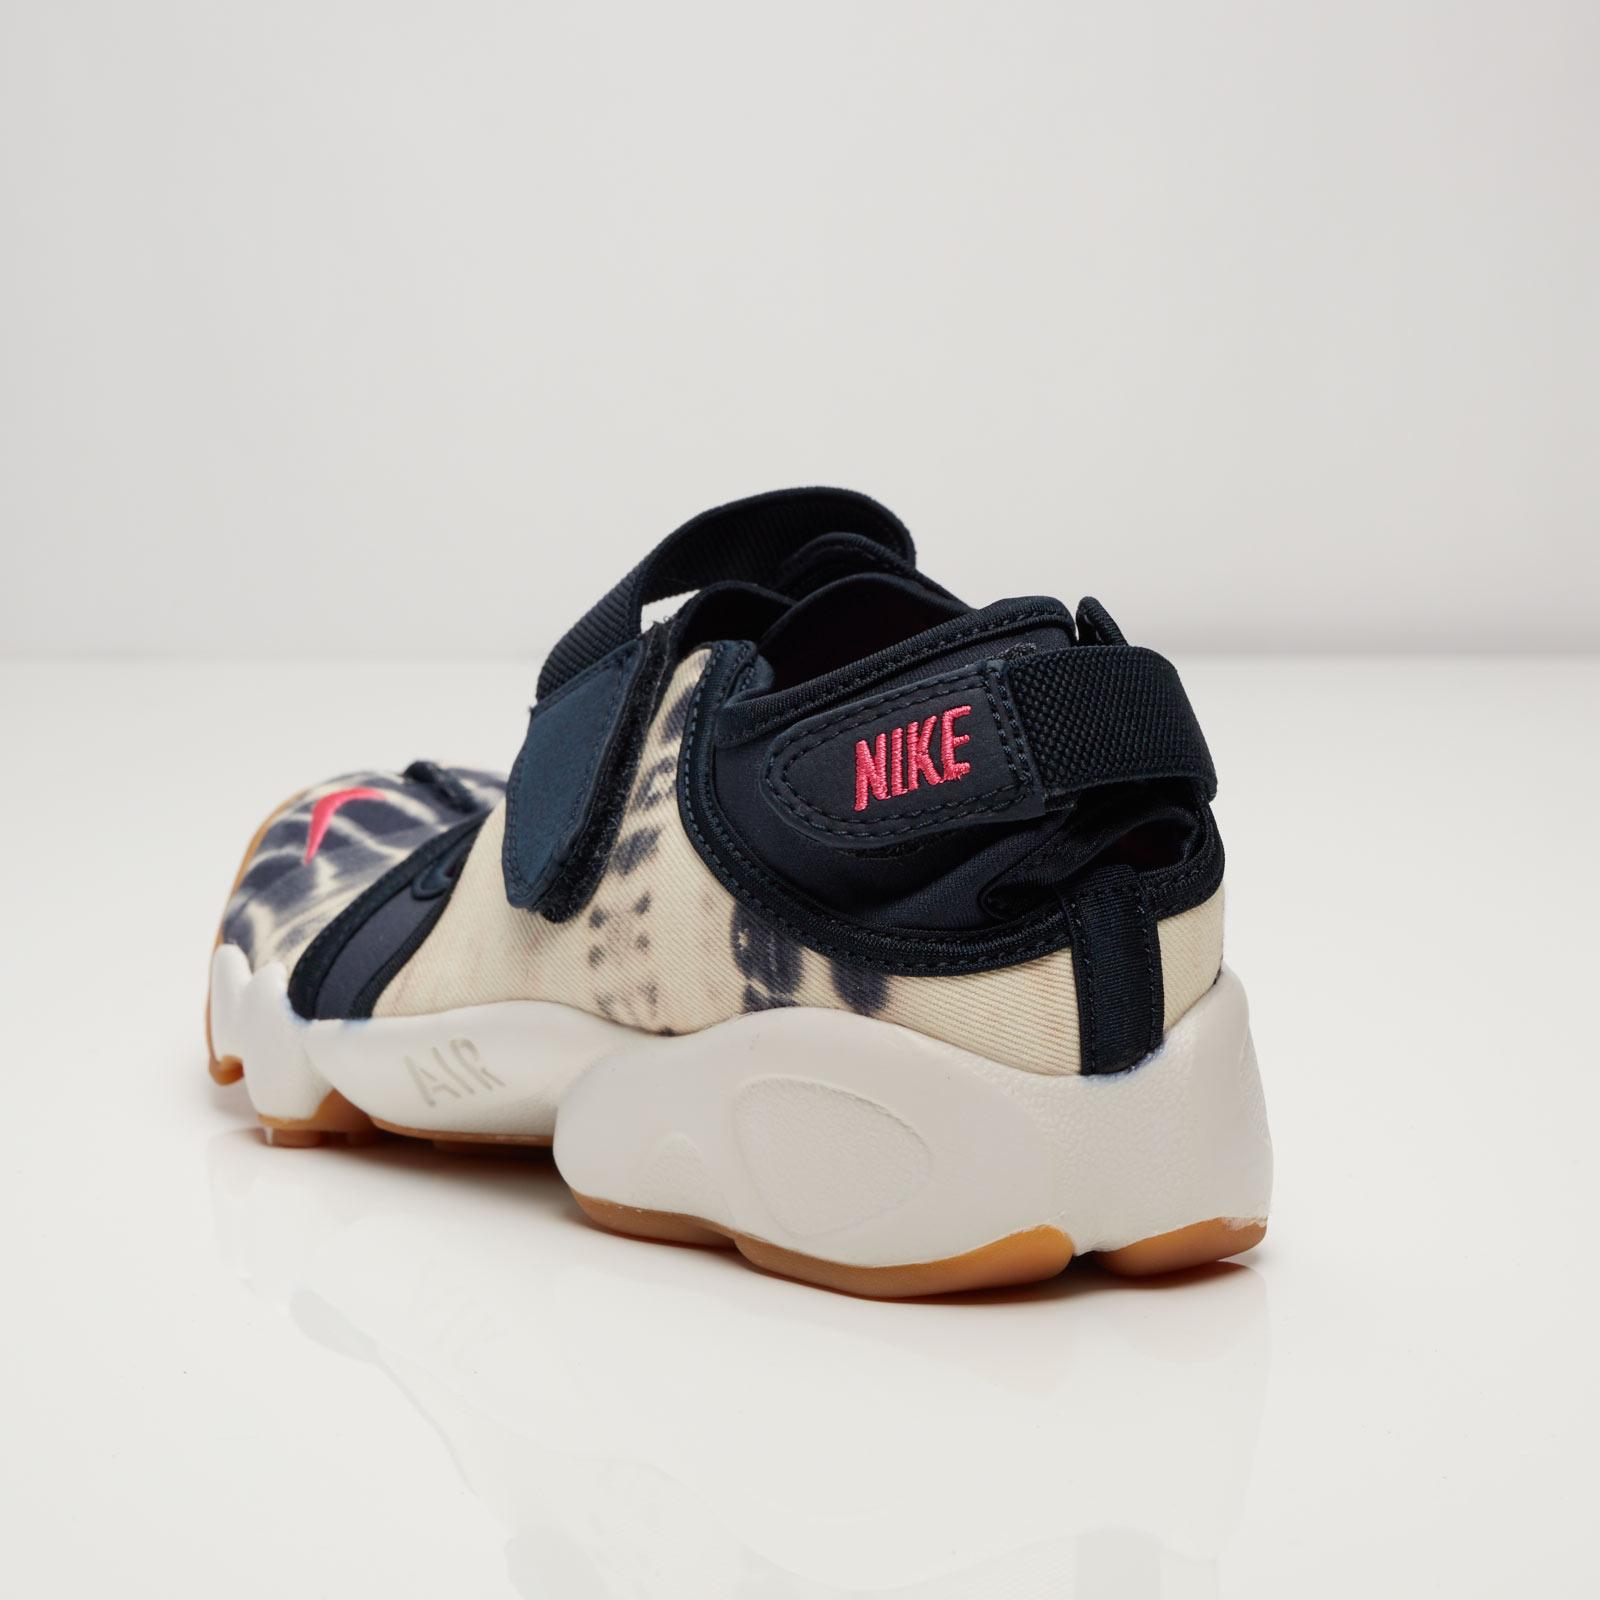 3c5e9ac3ff0f Nike Wmns Air Rift Premium QS - 848502-400 - Sneakersnstuff ...